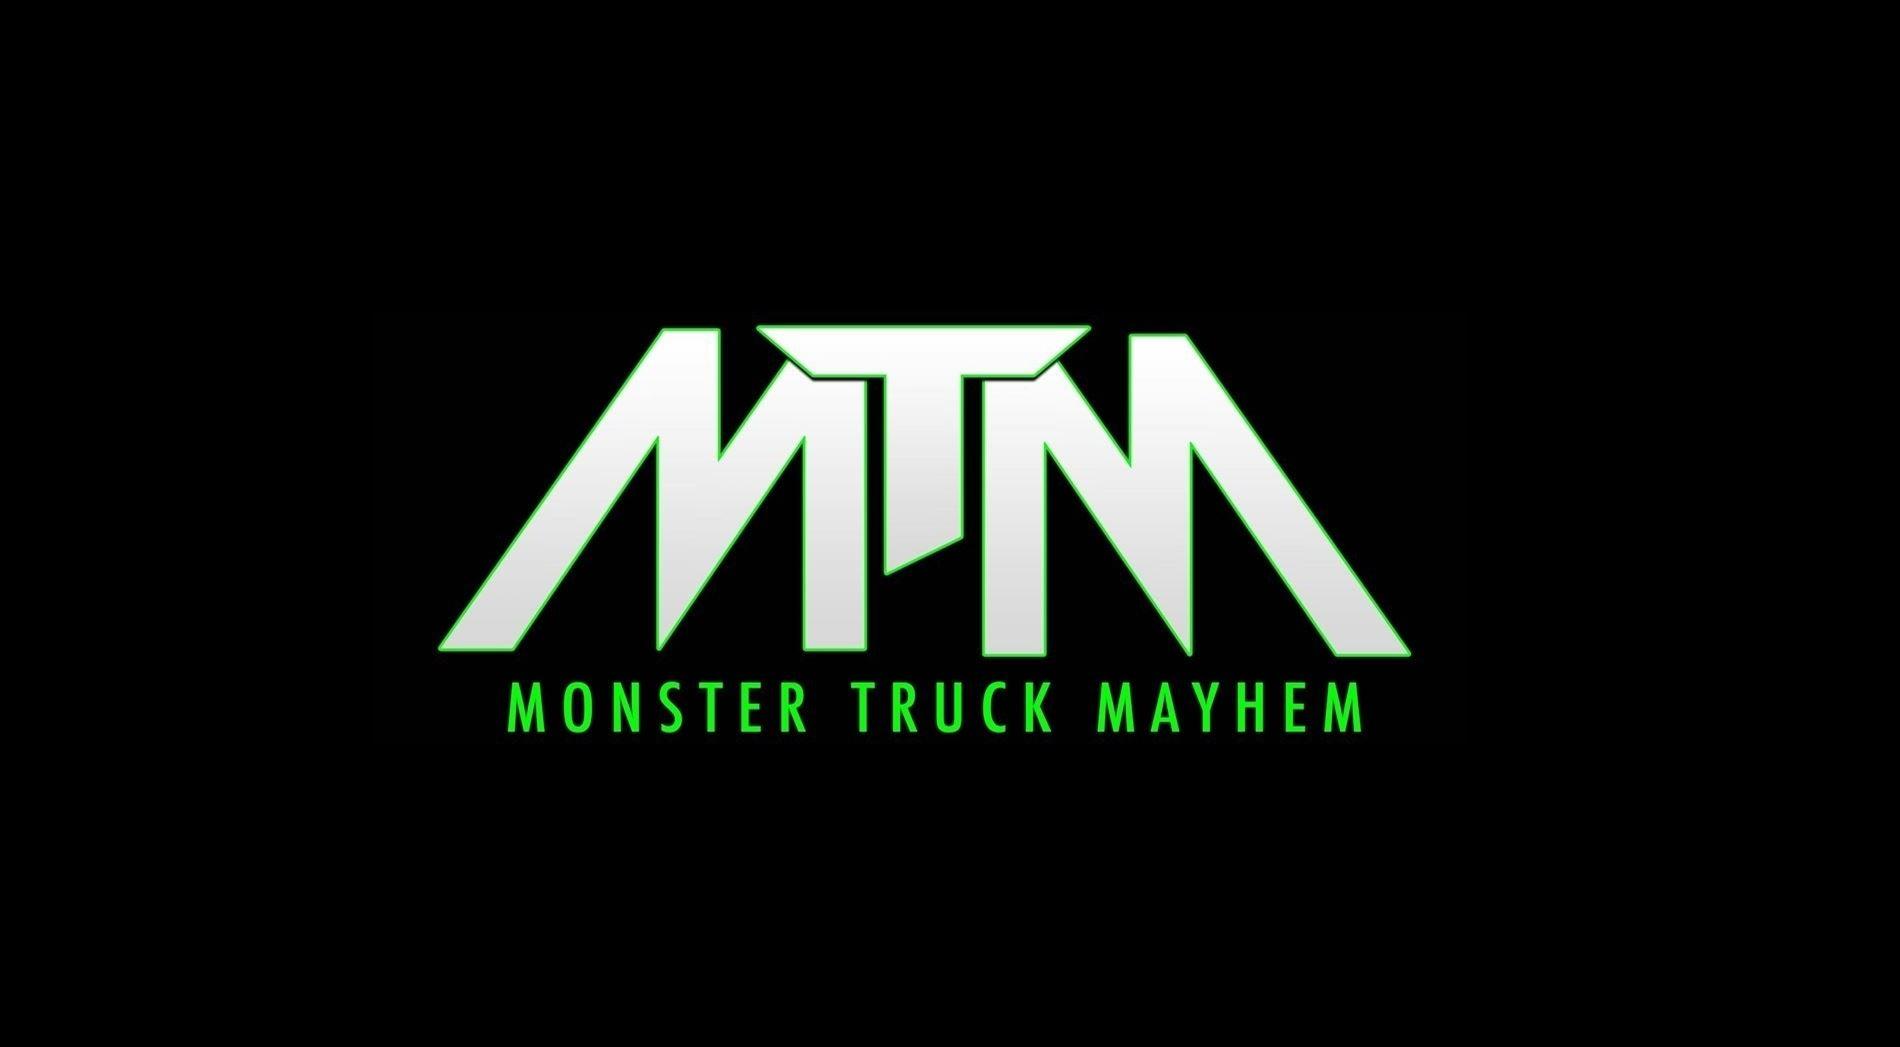 Monster Truck Mayhem